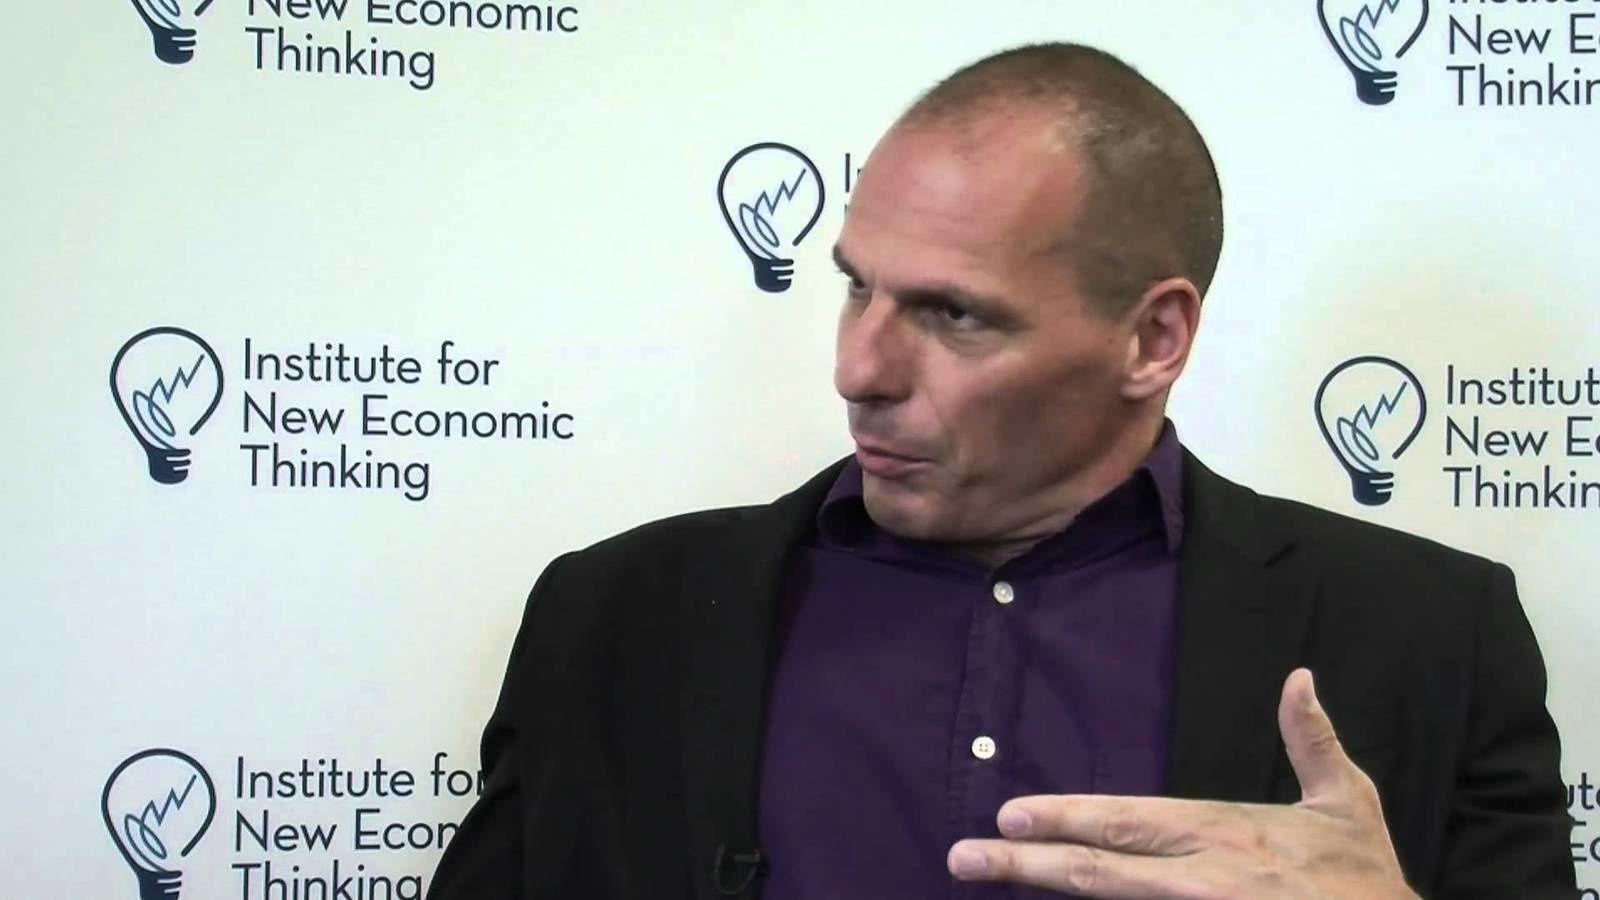 La strategia di Varoufakis attraverso la Teoria dei Giochi